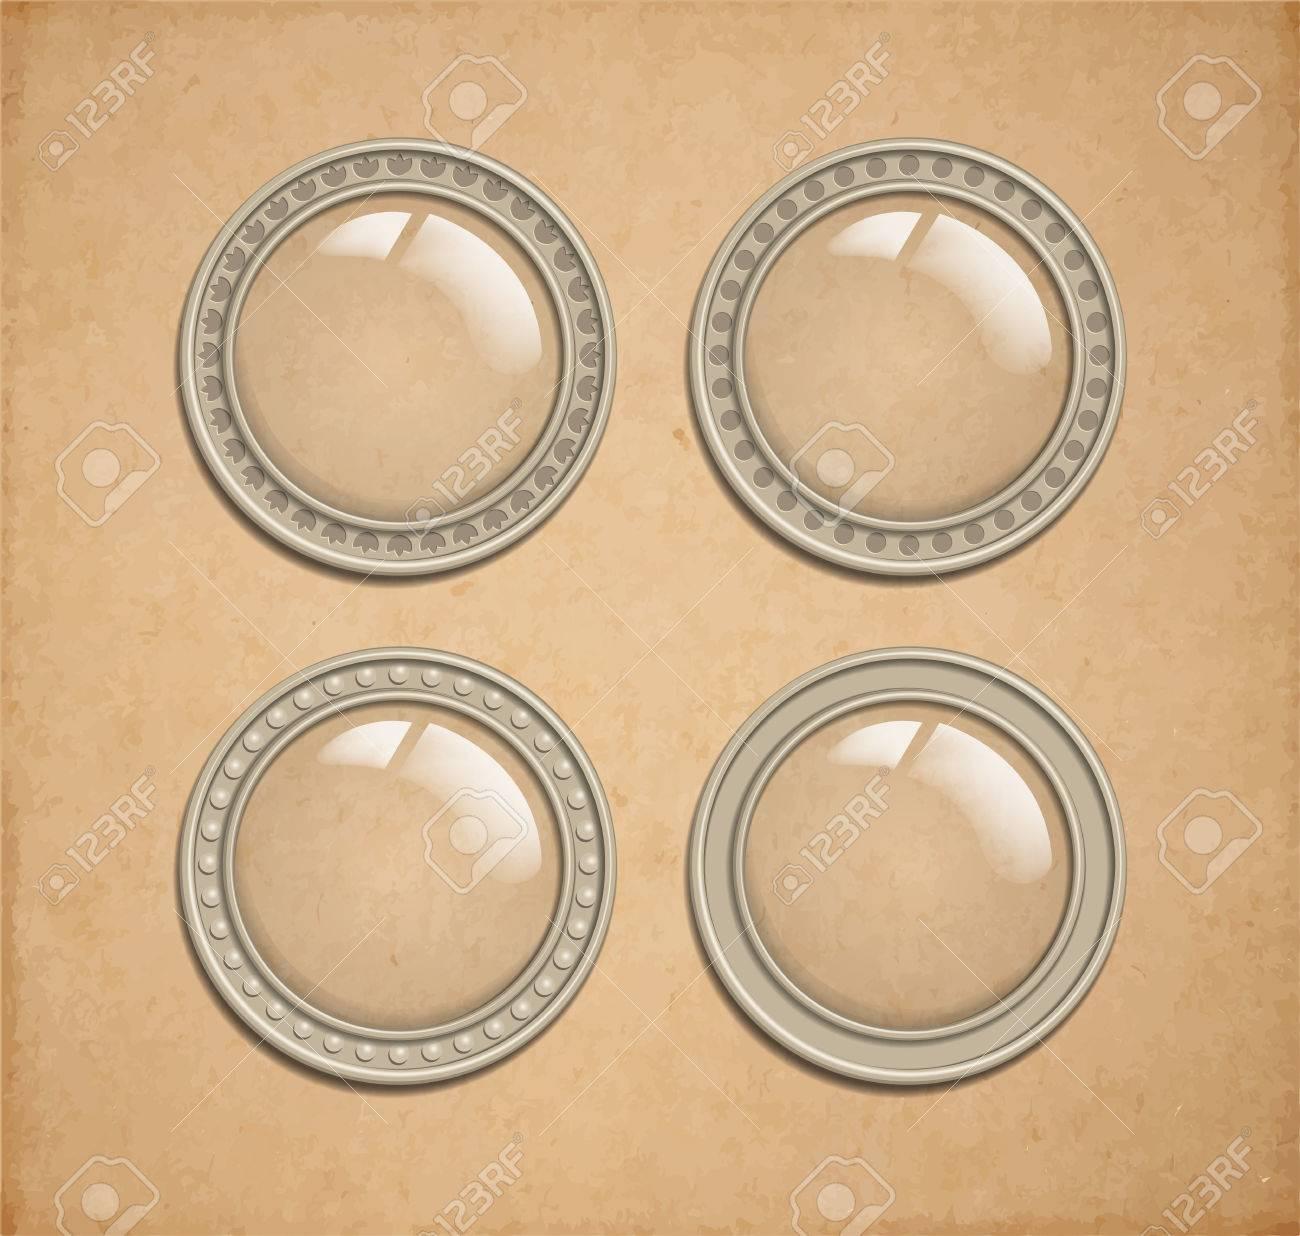 Conjunto De Vidrio Vector Botón Transparente En Estructura Metálica Iluminador Redonda Como Elemento Icono Para Web Interfaz De Juego Y Decoración